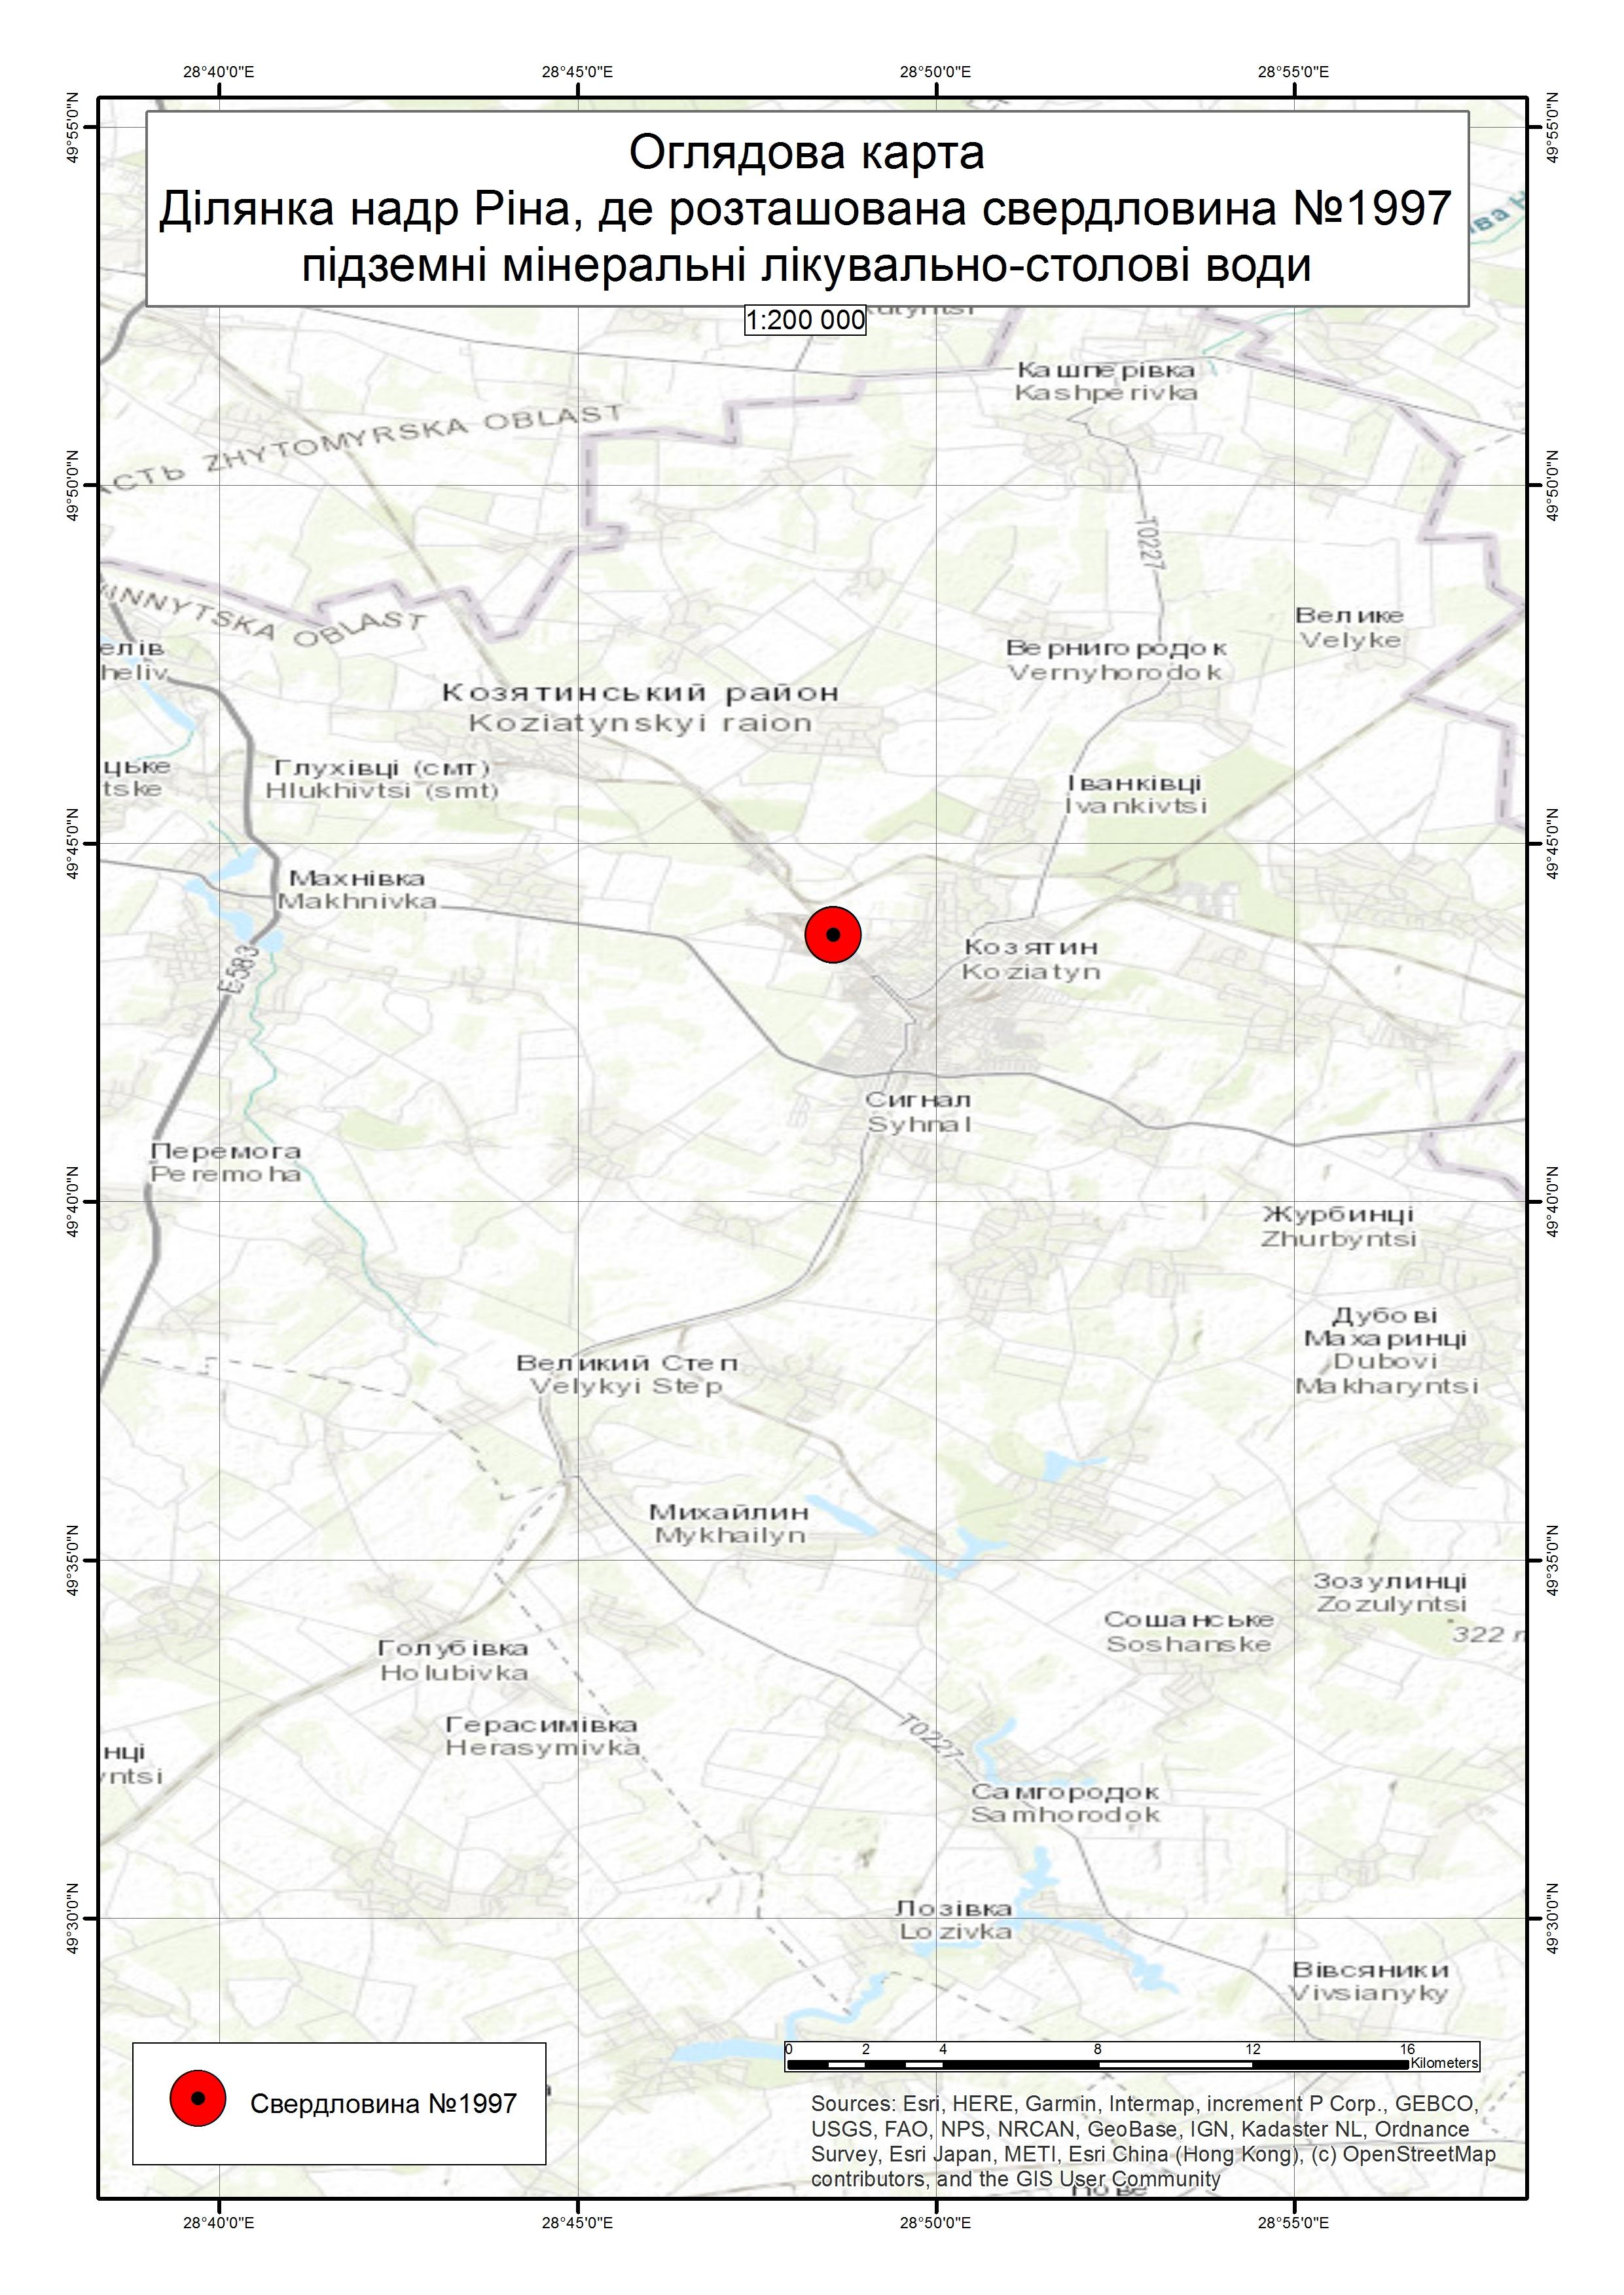 Спеціальний дозвіл на користування надрами – Ділянка надр Ріна, де розташована свердловина № 1997. Вартість геологічної інформації – 105 184,50 грн (з ПДВ). Вартість пакету аукціонної документації – 7 023,74 грн (з ПДВ).